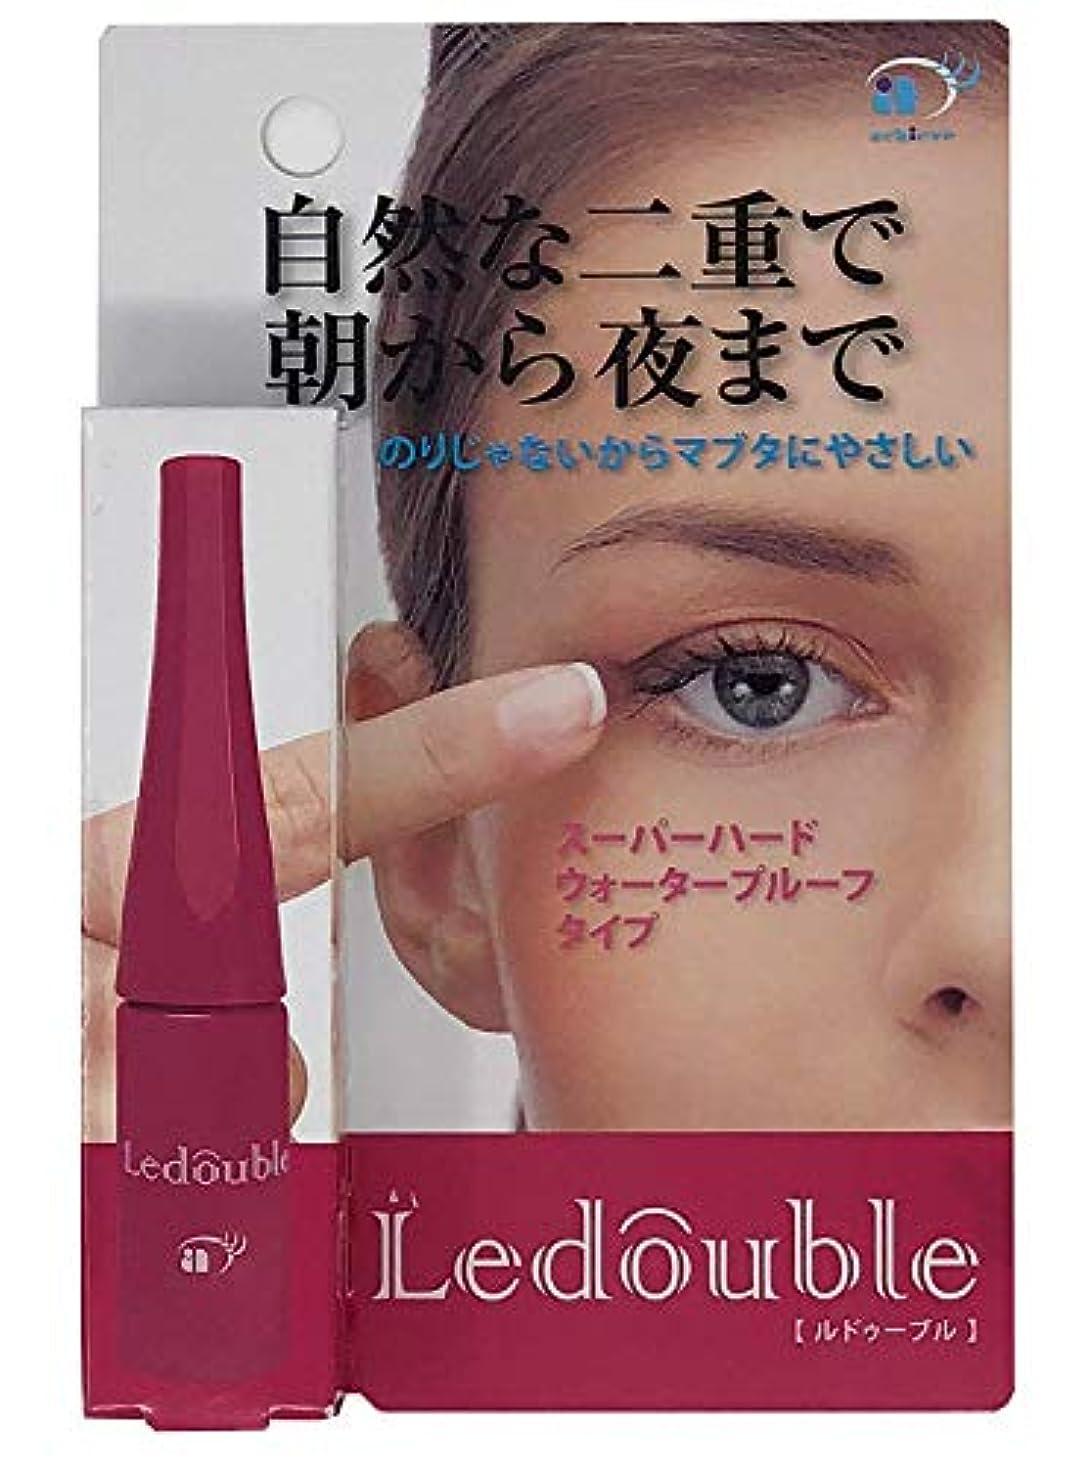 してはいけないインレイ複合Ledouble [ルドゥーブル] 二重まぶた化粧品 (4mL)